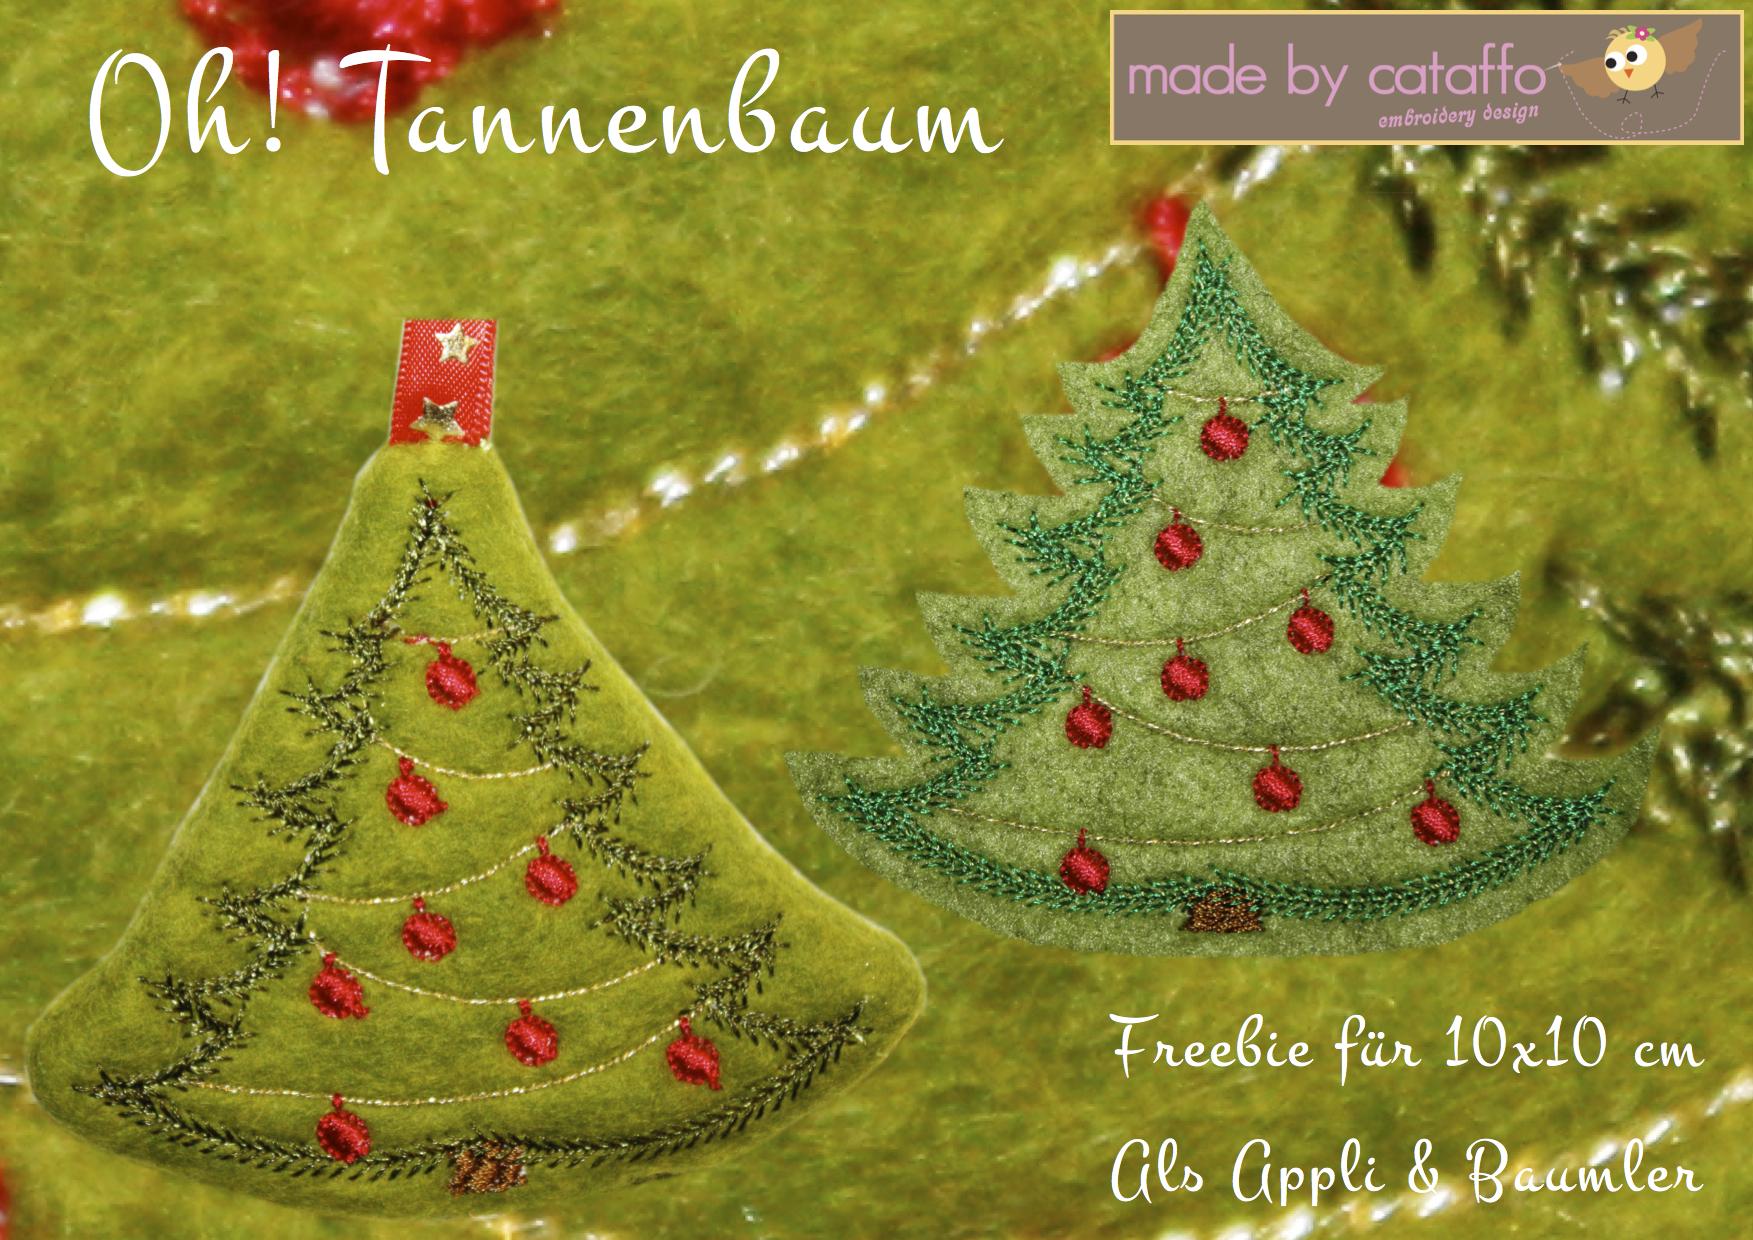 Labelbild_Tannenbaum_freebie